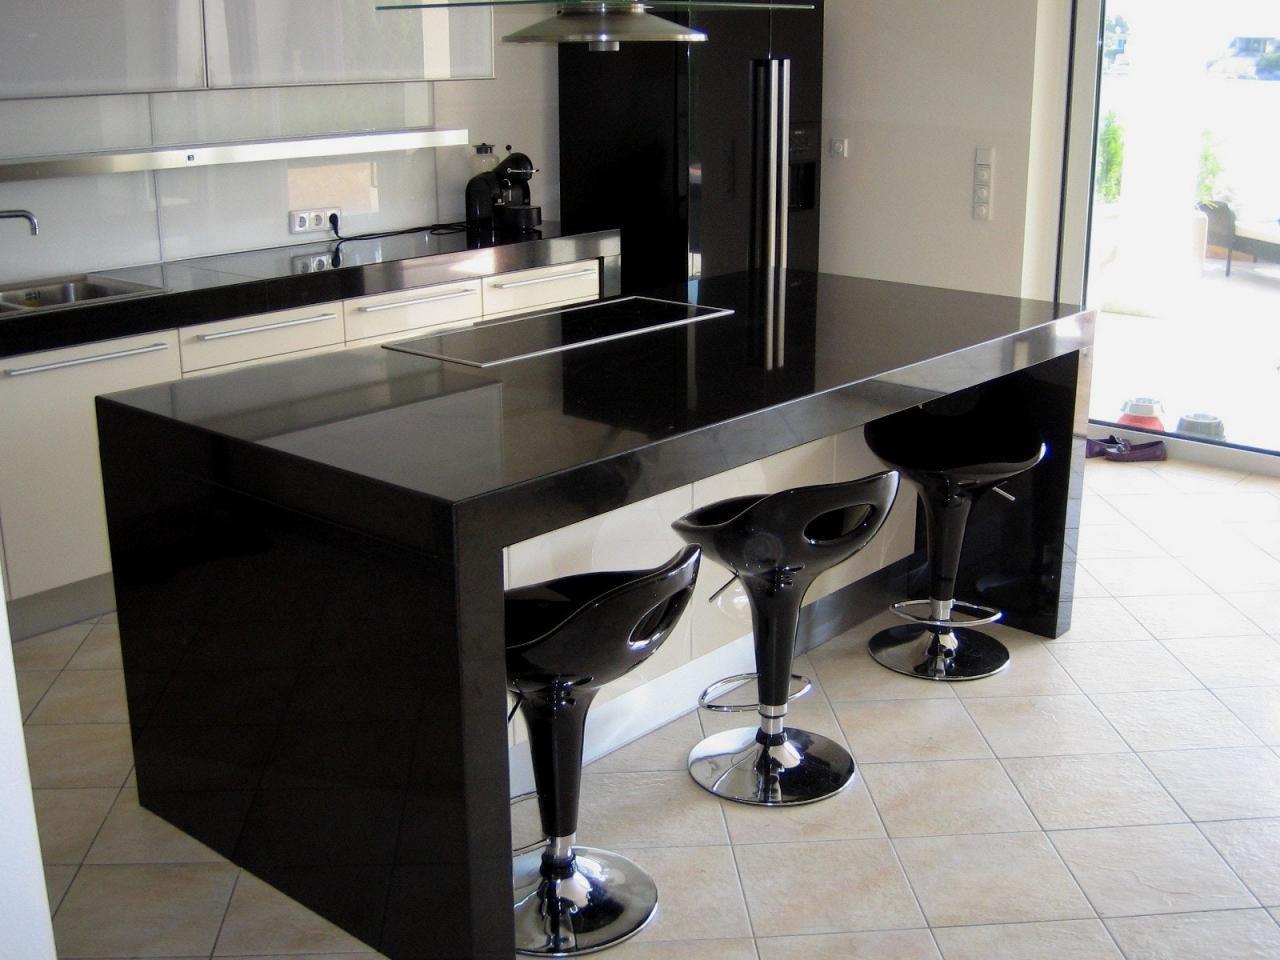 Küche Waschbecken  Ikea Küche Waschbecken – avaformalwear